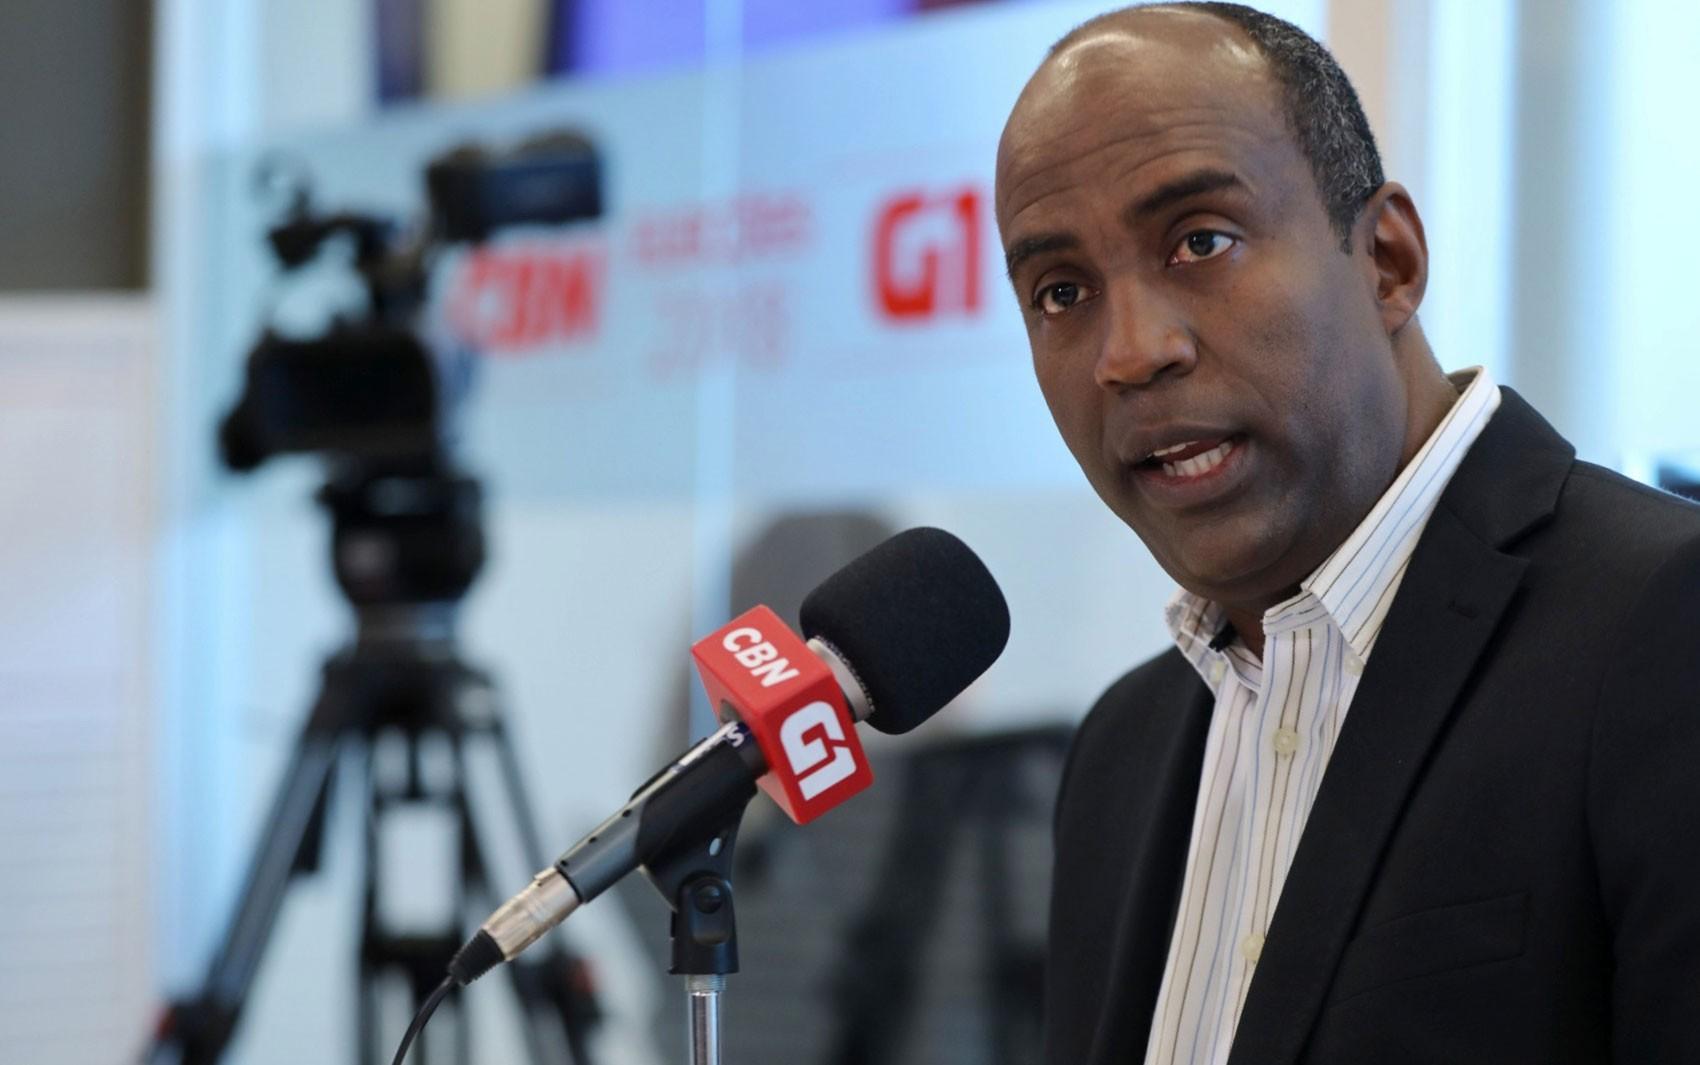 Candidatura de Marcelo Candido (PDT) ao governo de SP é indeferida, diz TRE - Radio Evangelho Gospel